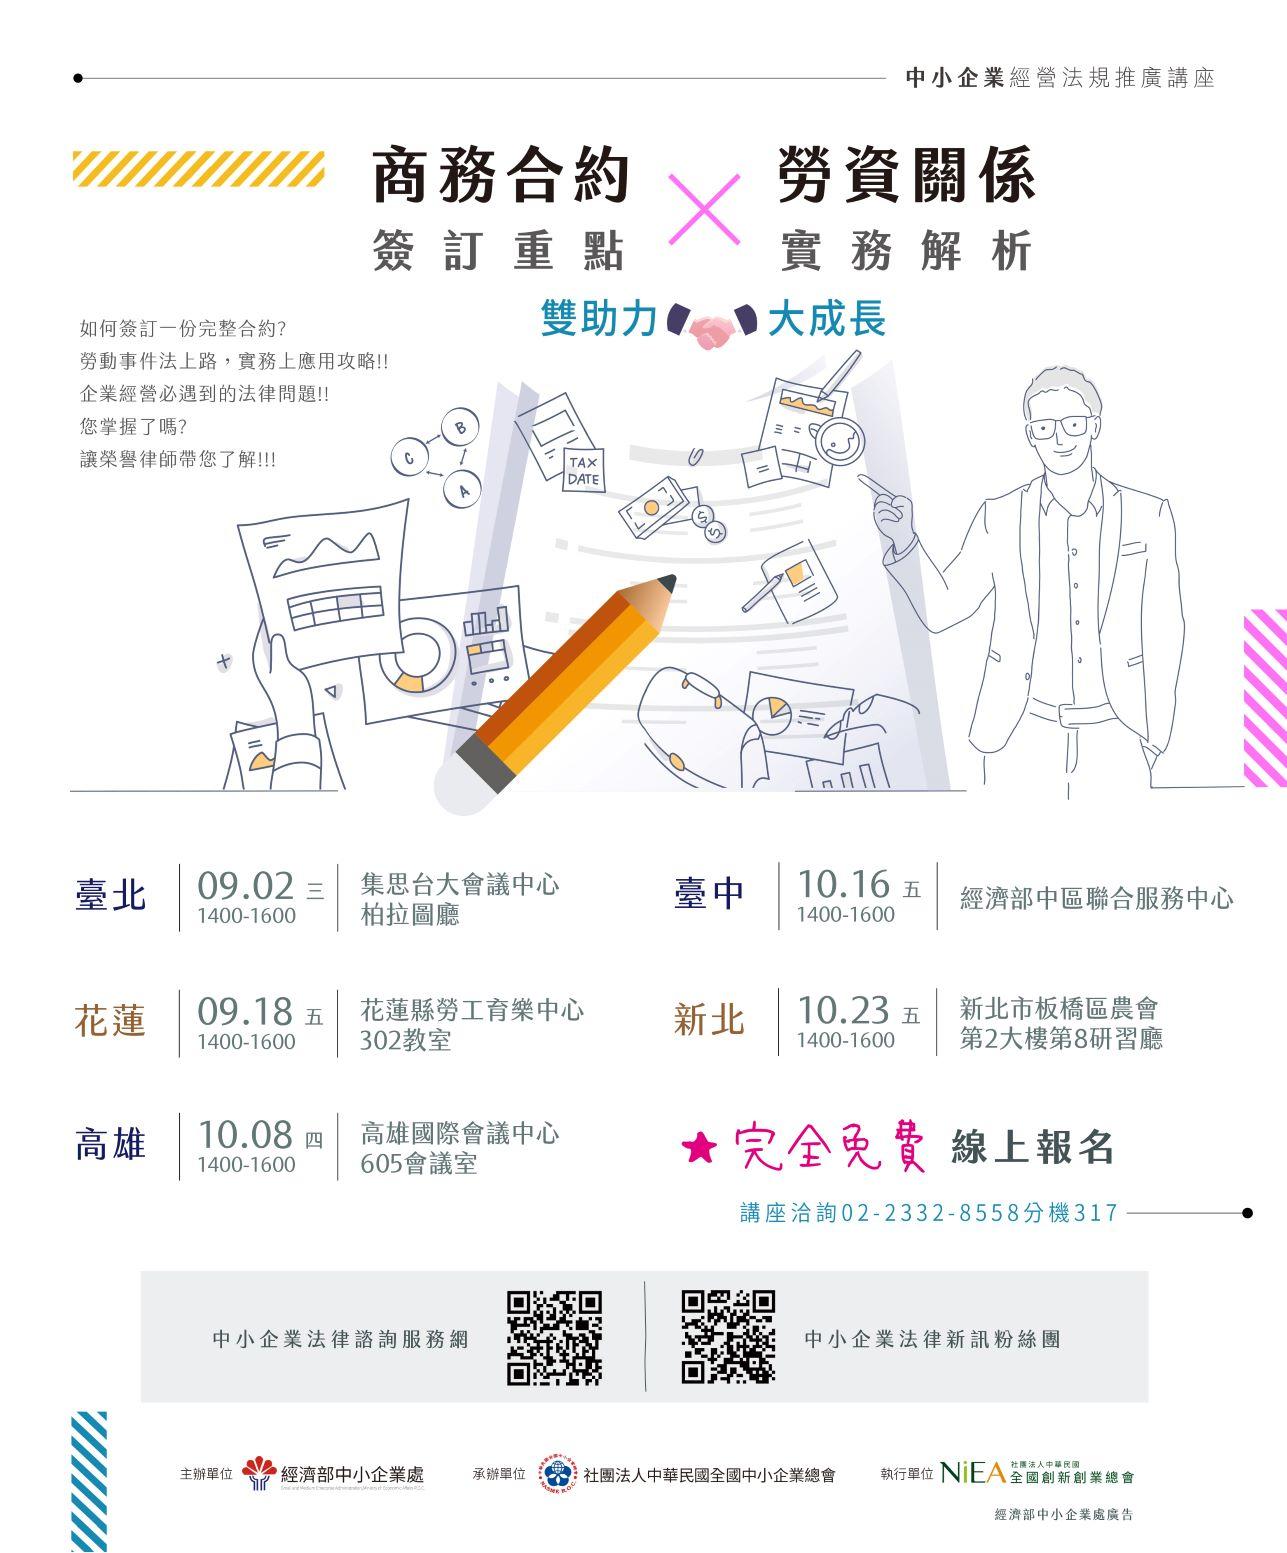 10/23(五)新北場-【合約簽訂重點X勞資關係實務解析】-企業經營雙助力的活動EDM